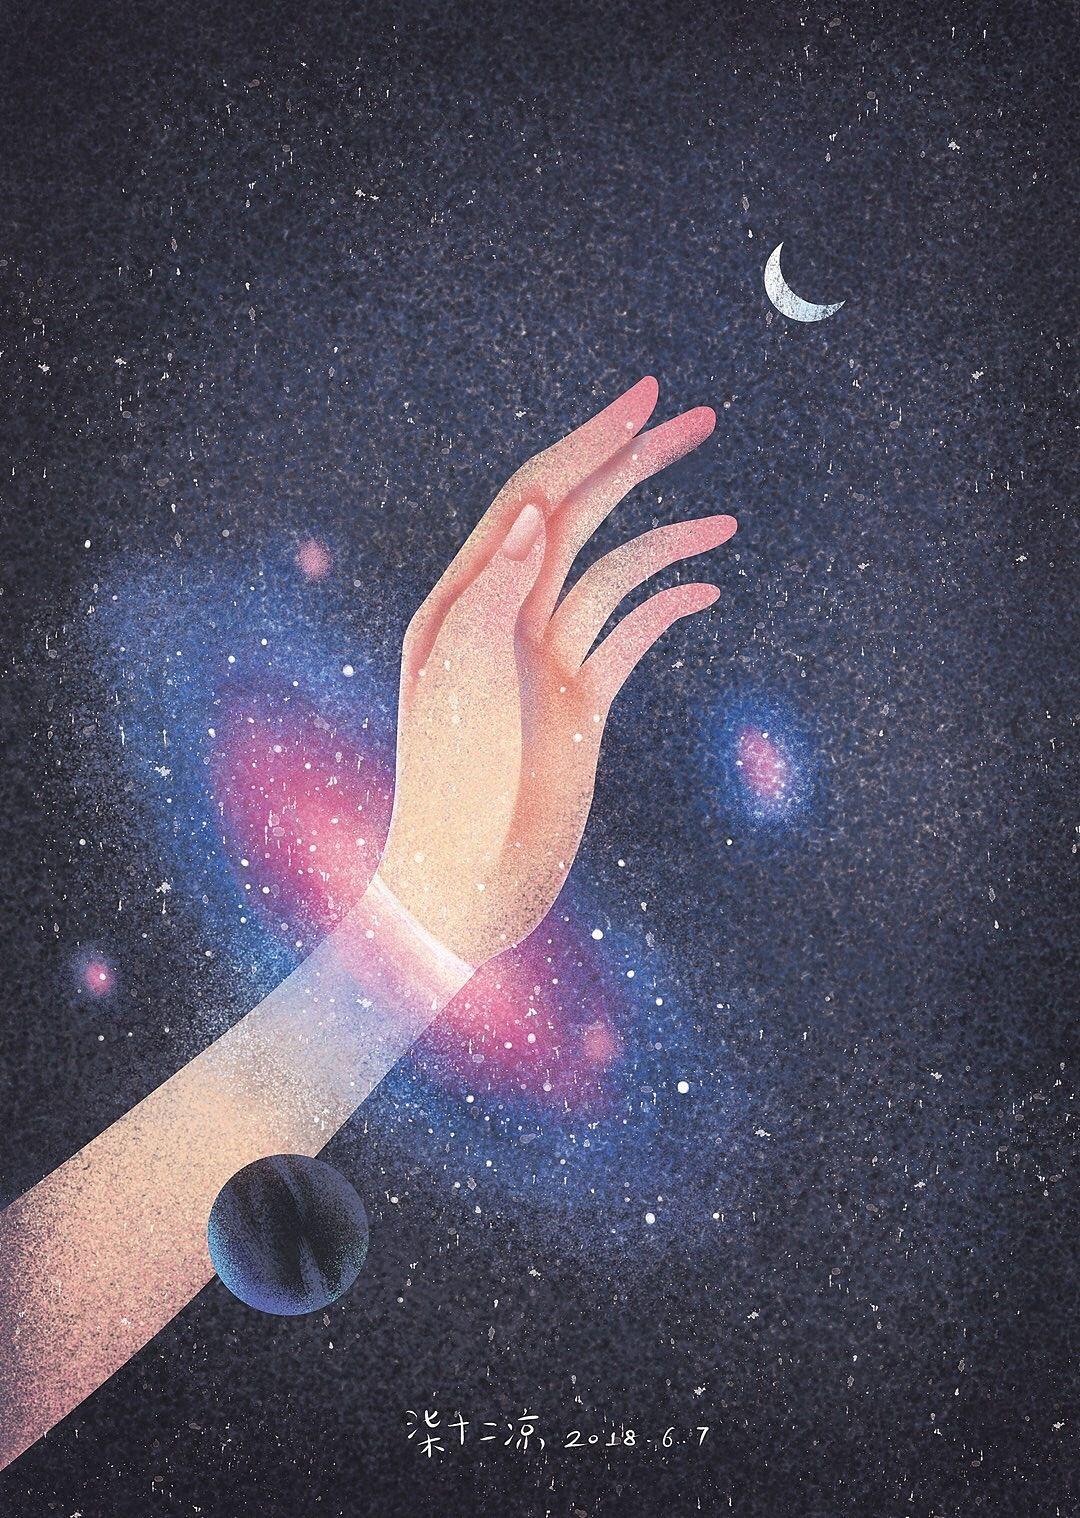 集合下最近画的关于星空及宇宙的幻想 插画 插画习作 柒十二凉 原创